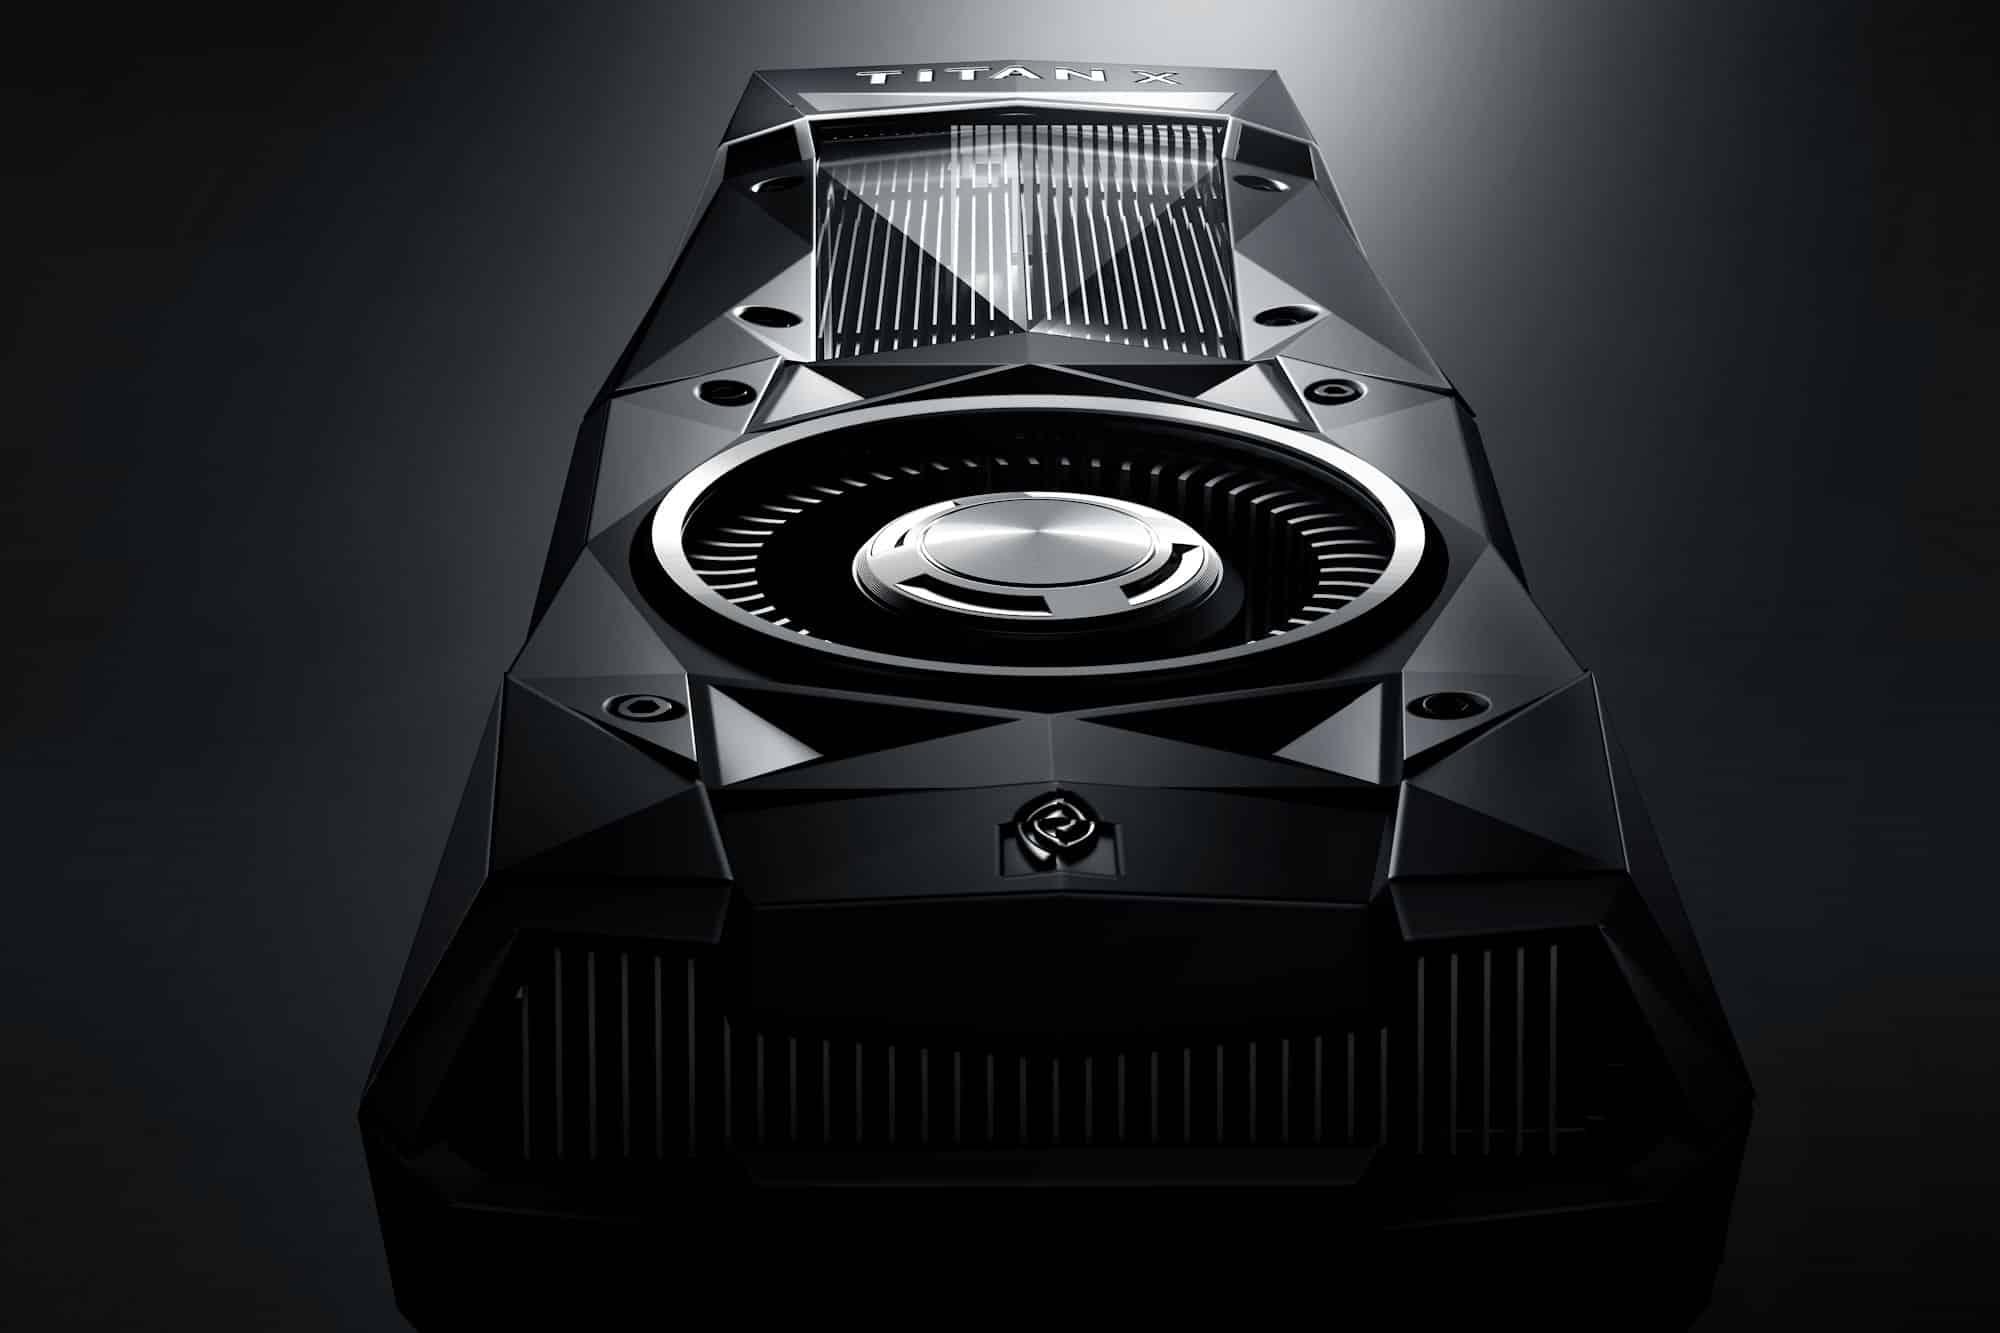 NVIDIA GeForce GTX TITAN X Pascal 2 - Il prezzo delle GPU potrebbe ancora aumentare nel 2018